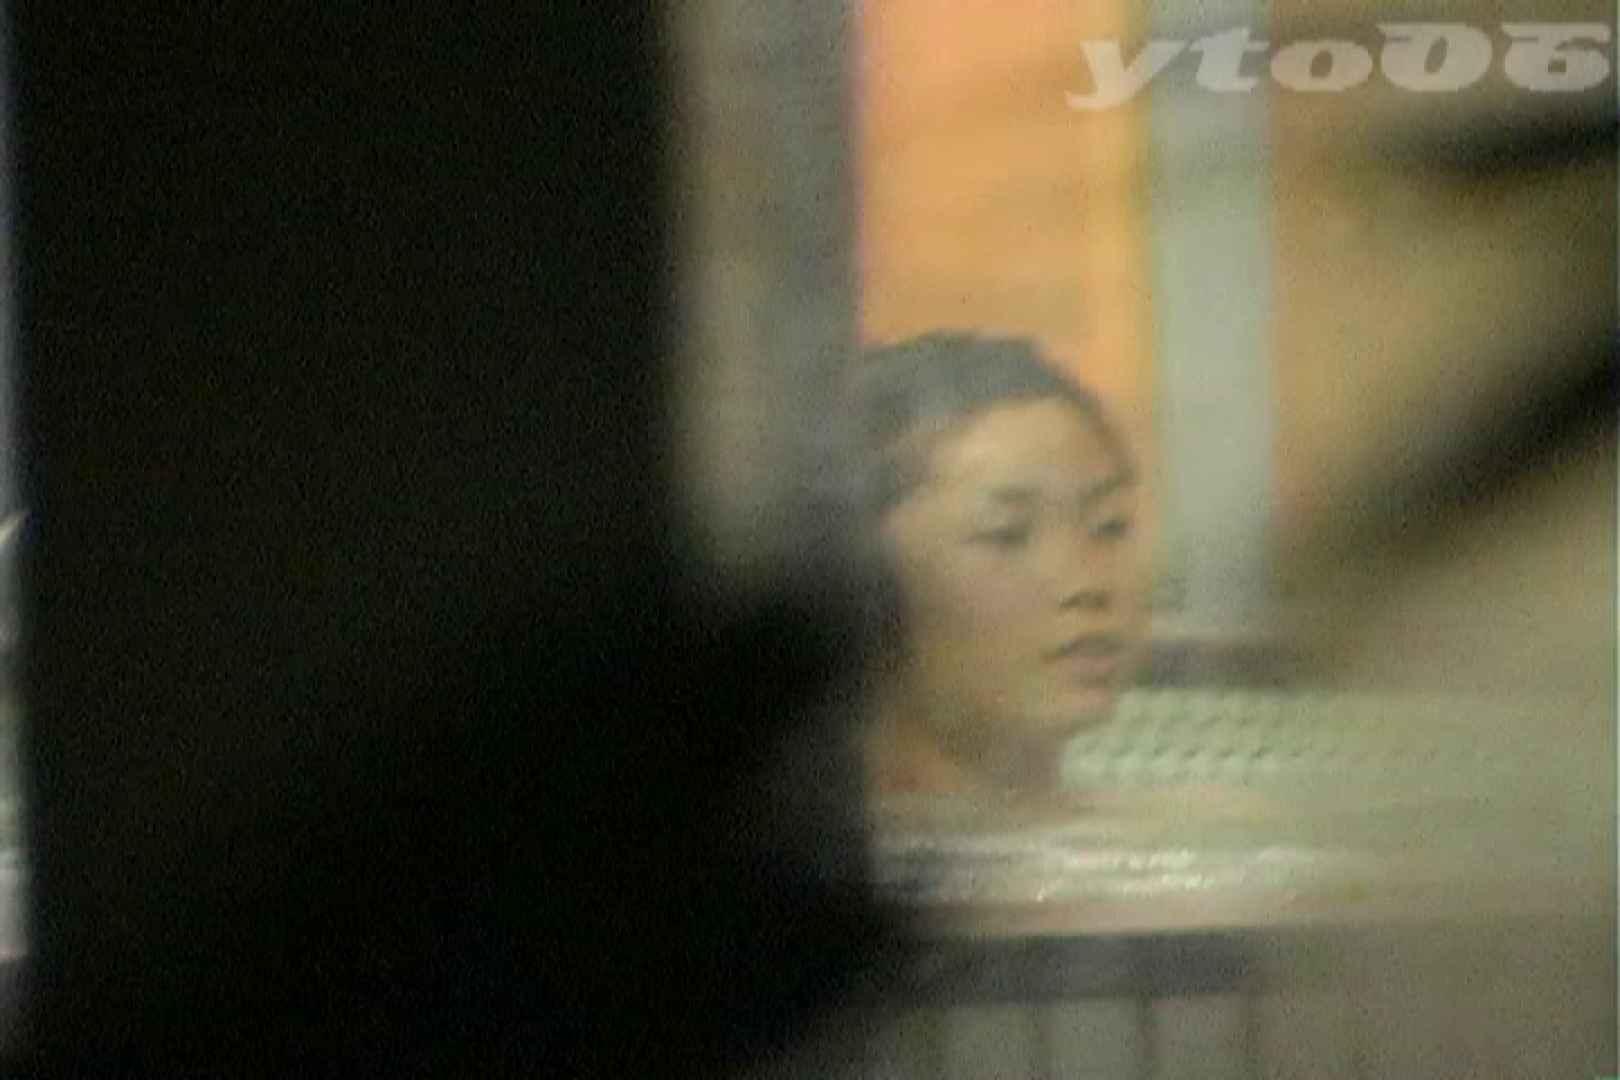 ▲復活限定▲合宿ホテル女風呂盗撮 Vol.36 0   女風呂  49枚